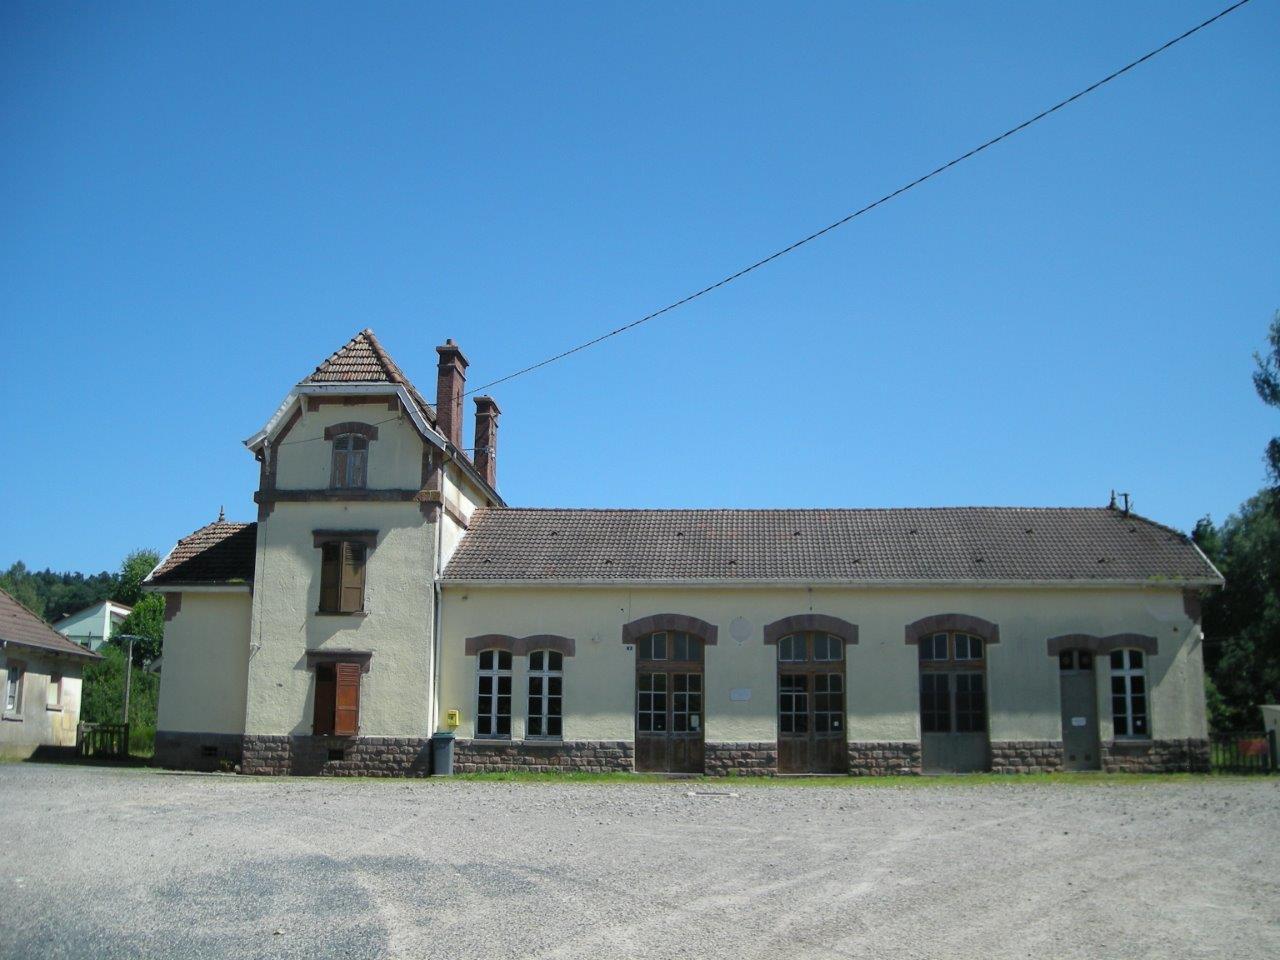 gare-de-provencheres-sur-fave-train-station